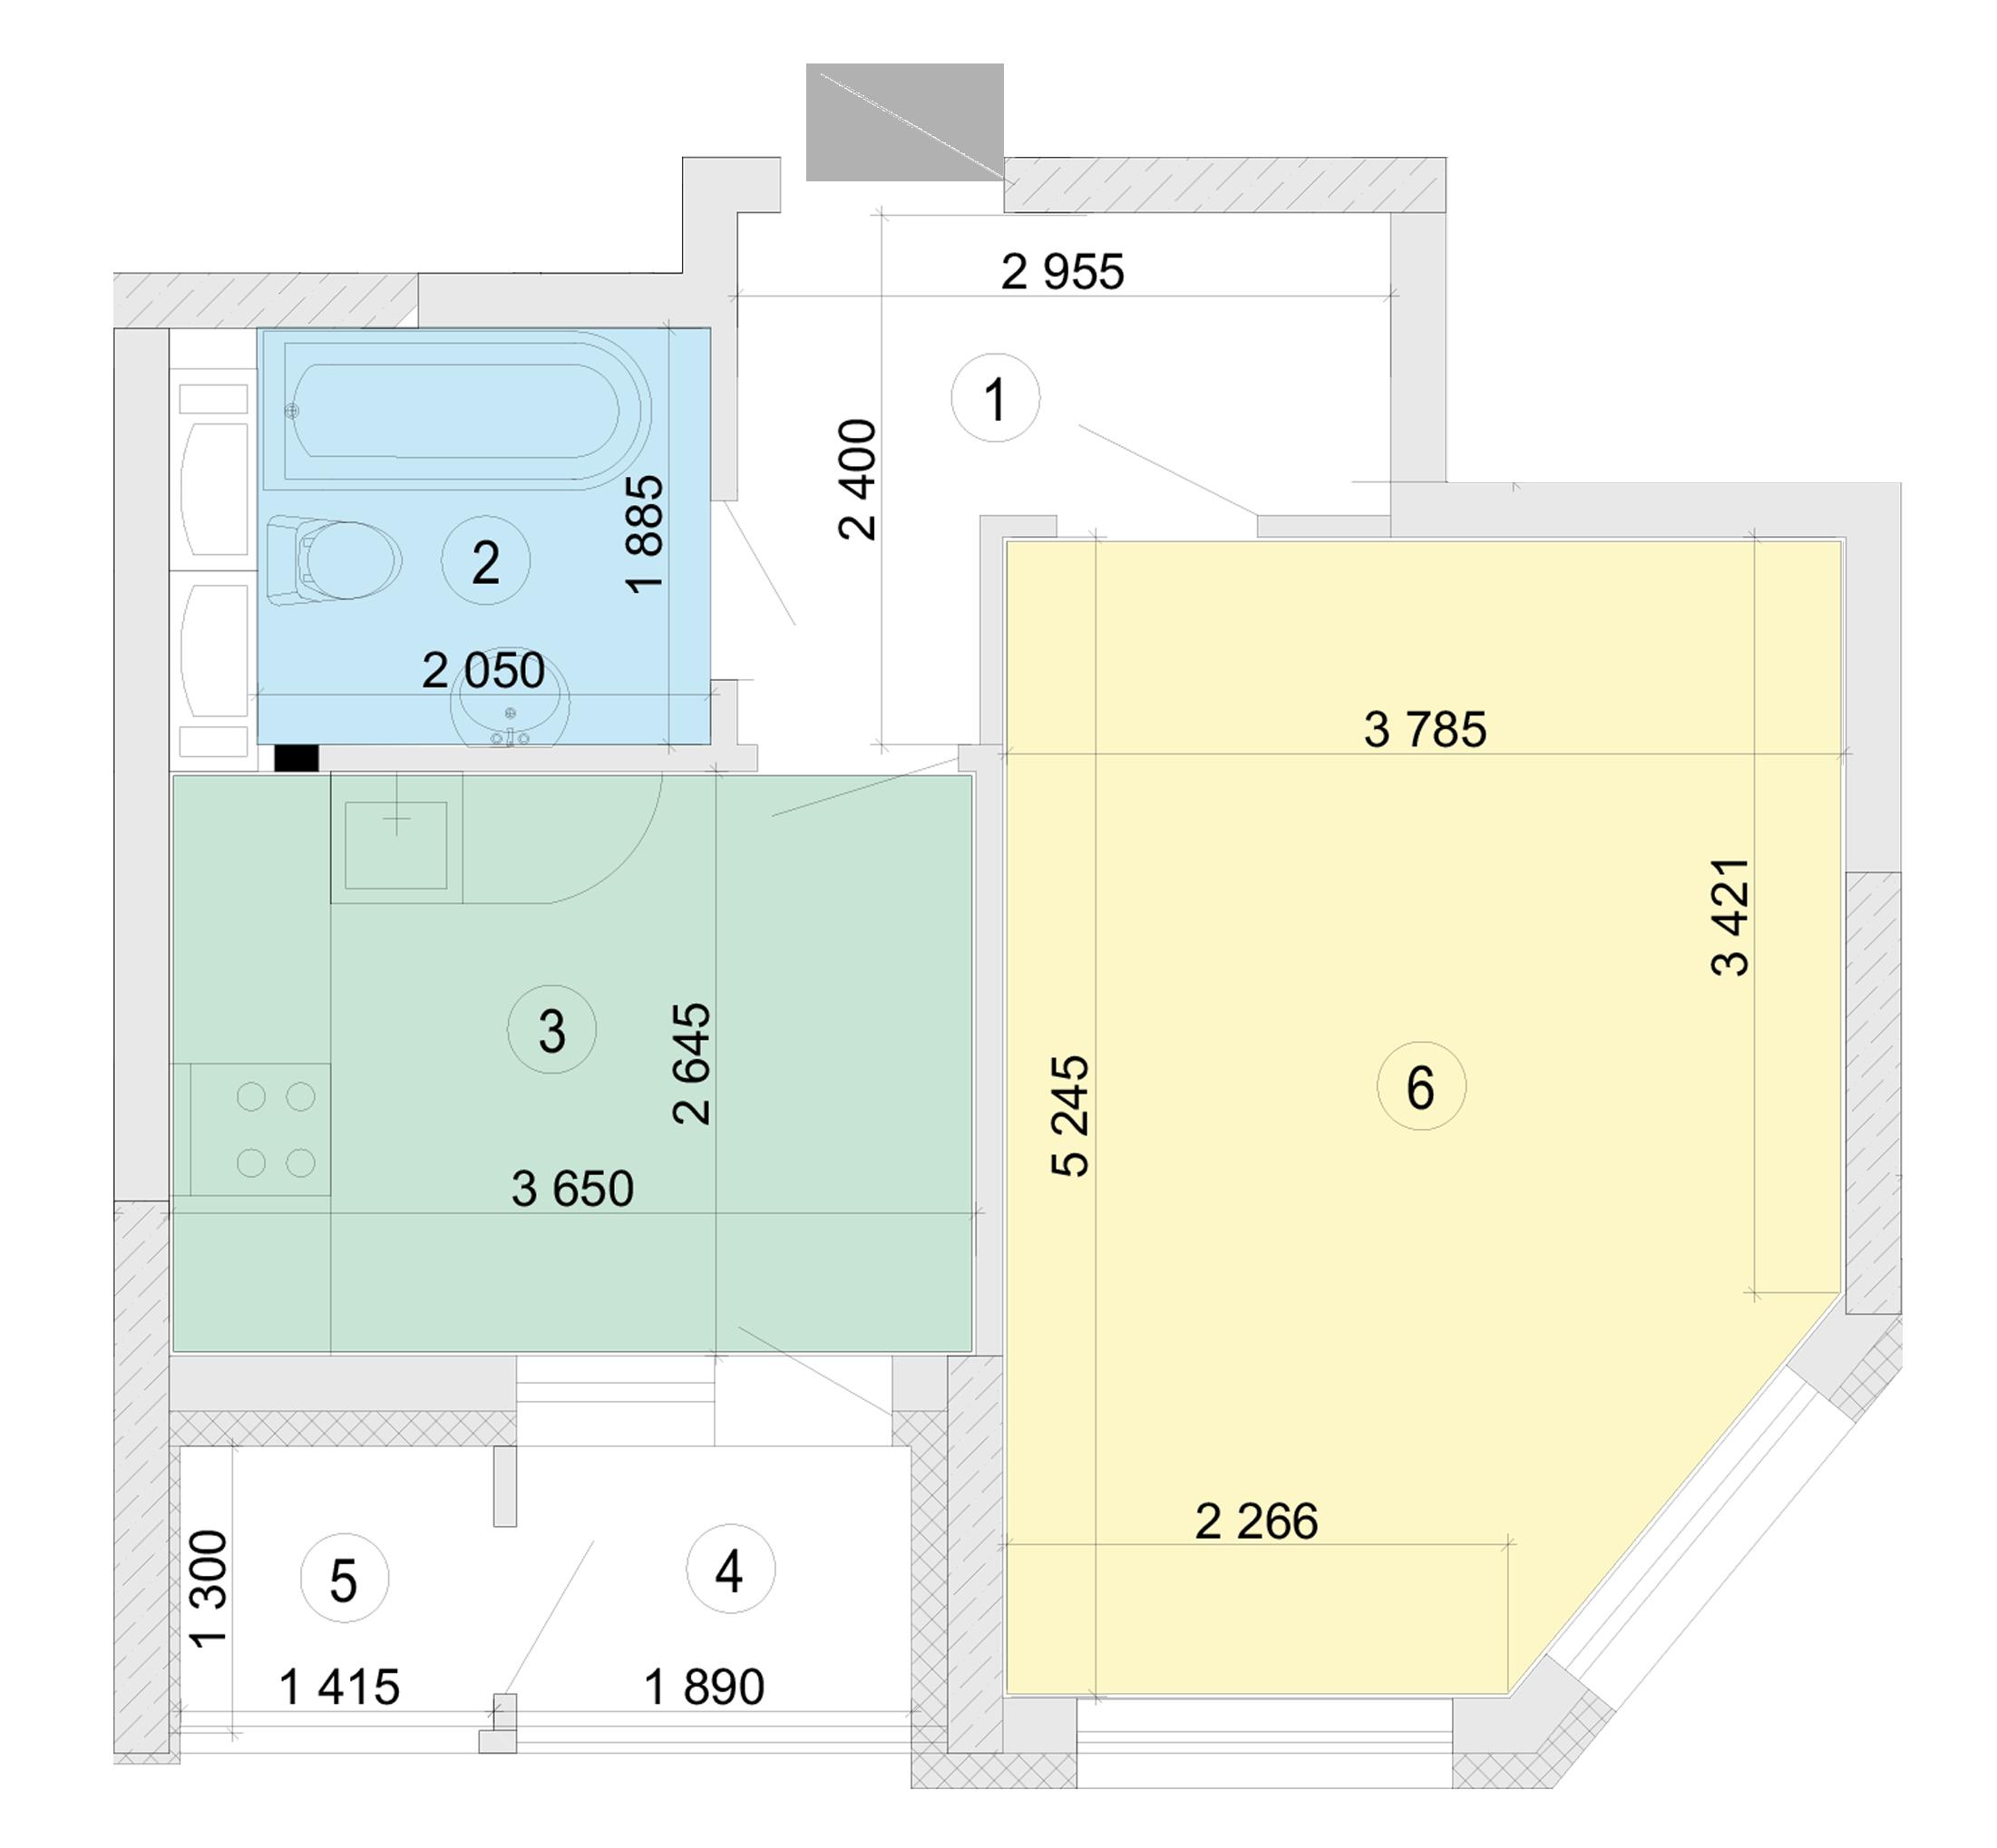 Купити Однокімнатна квартира 39,22 кв.м., тип 1.1, будинок 2, секція 5 в Києві Голосіївський район